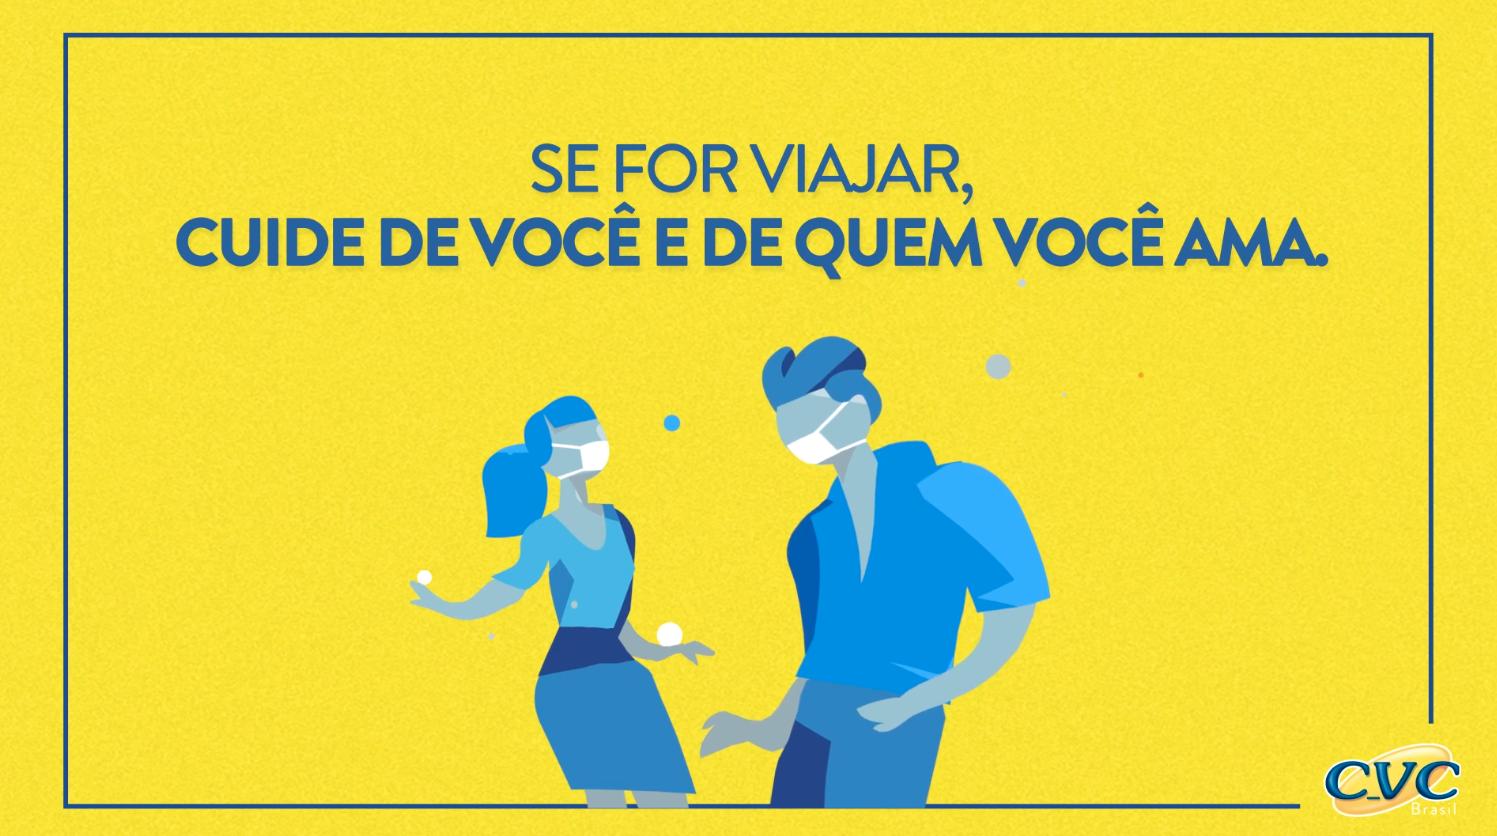 CVC cria campanha que defende um Carnaval mais seguro e reforça seu posicionamento sobre cuidado e assistência